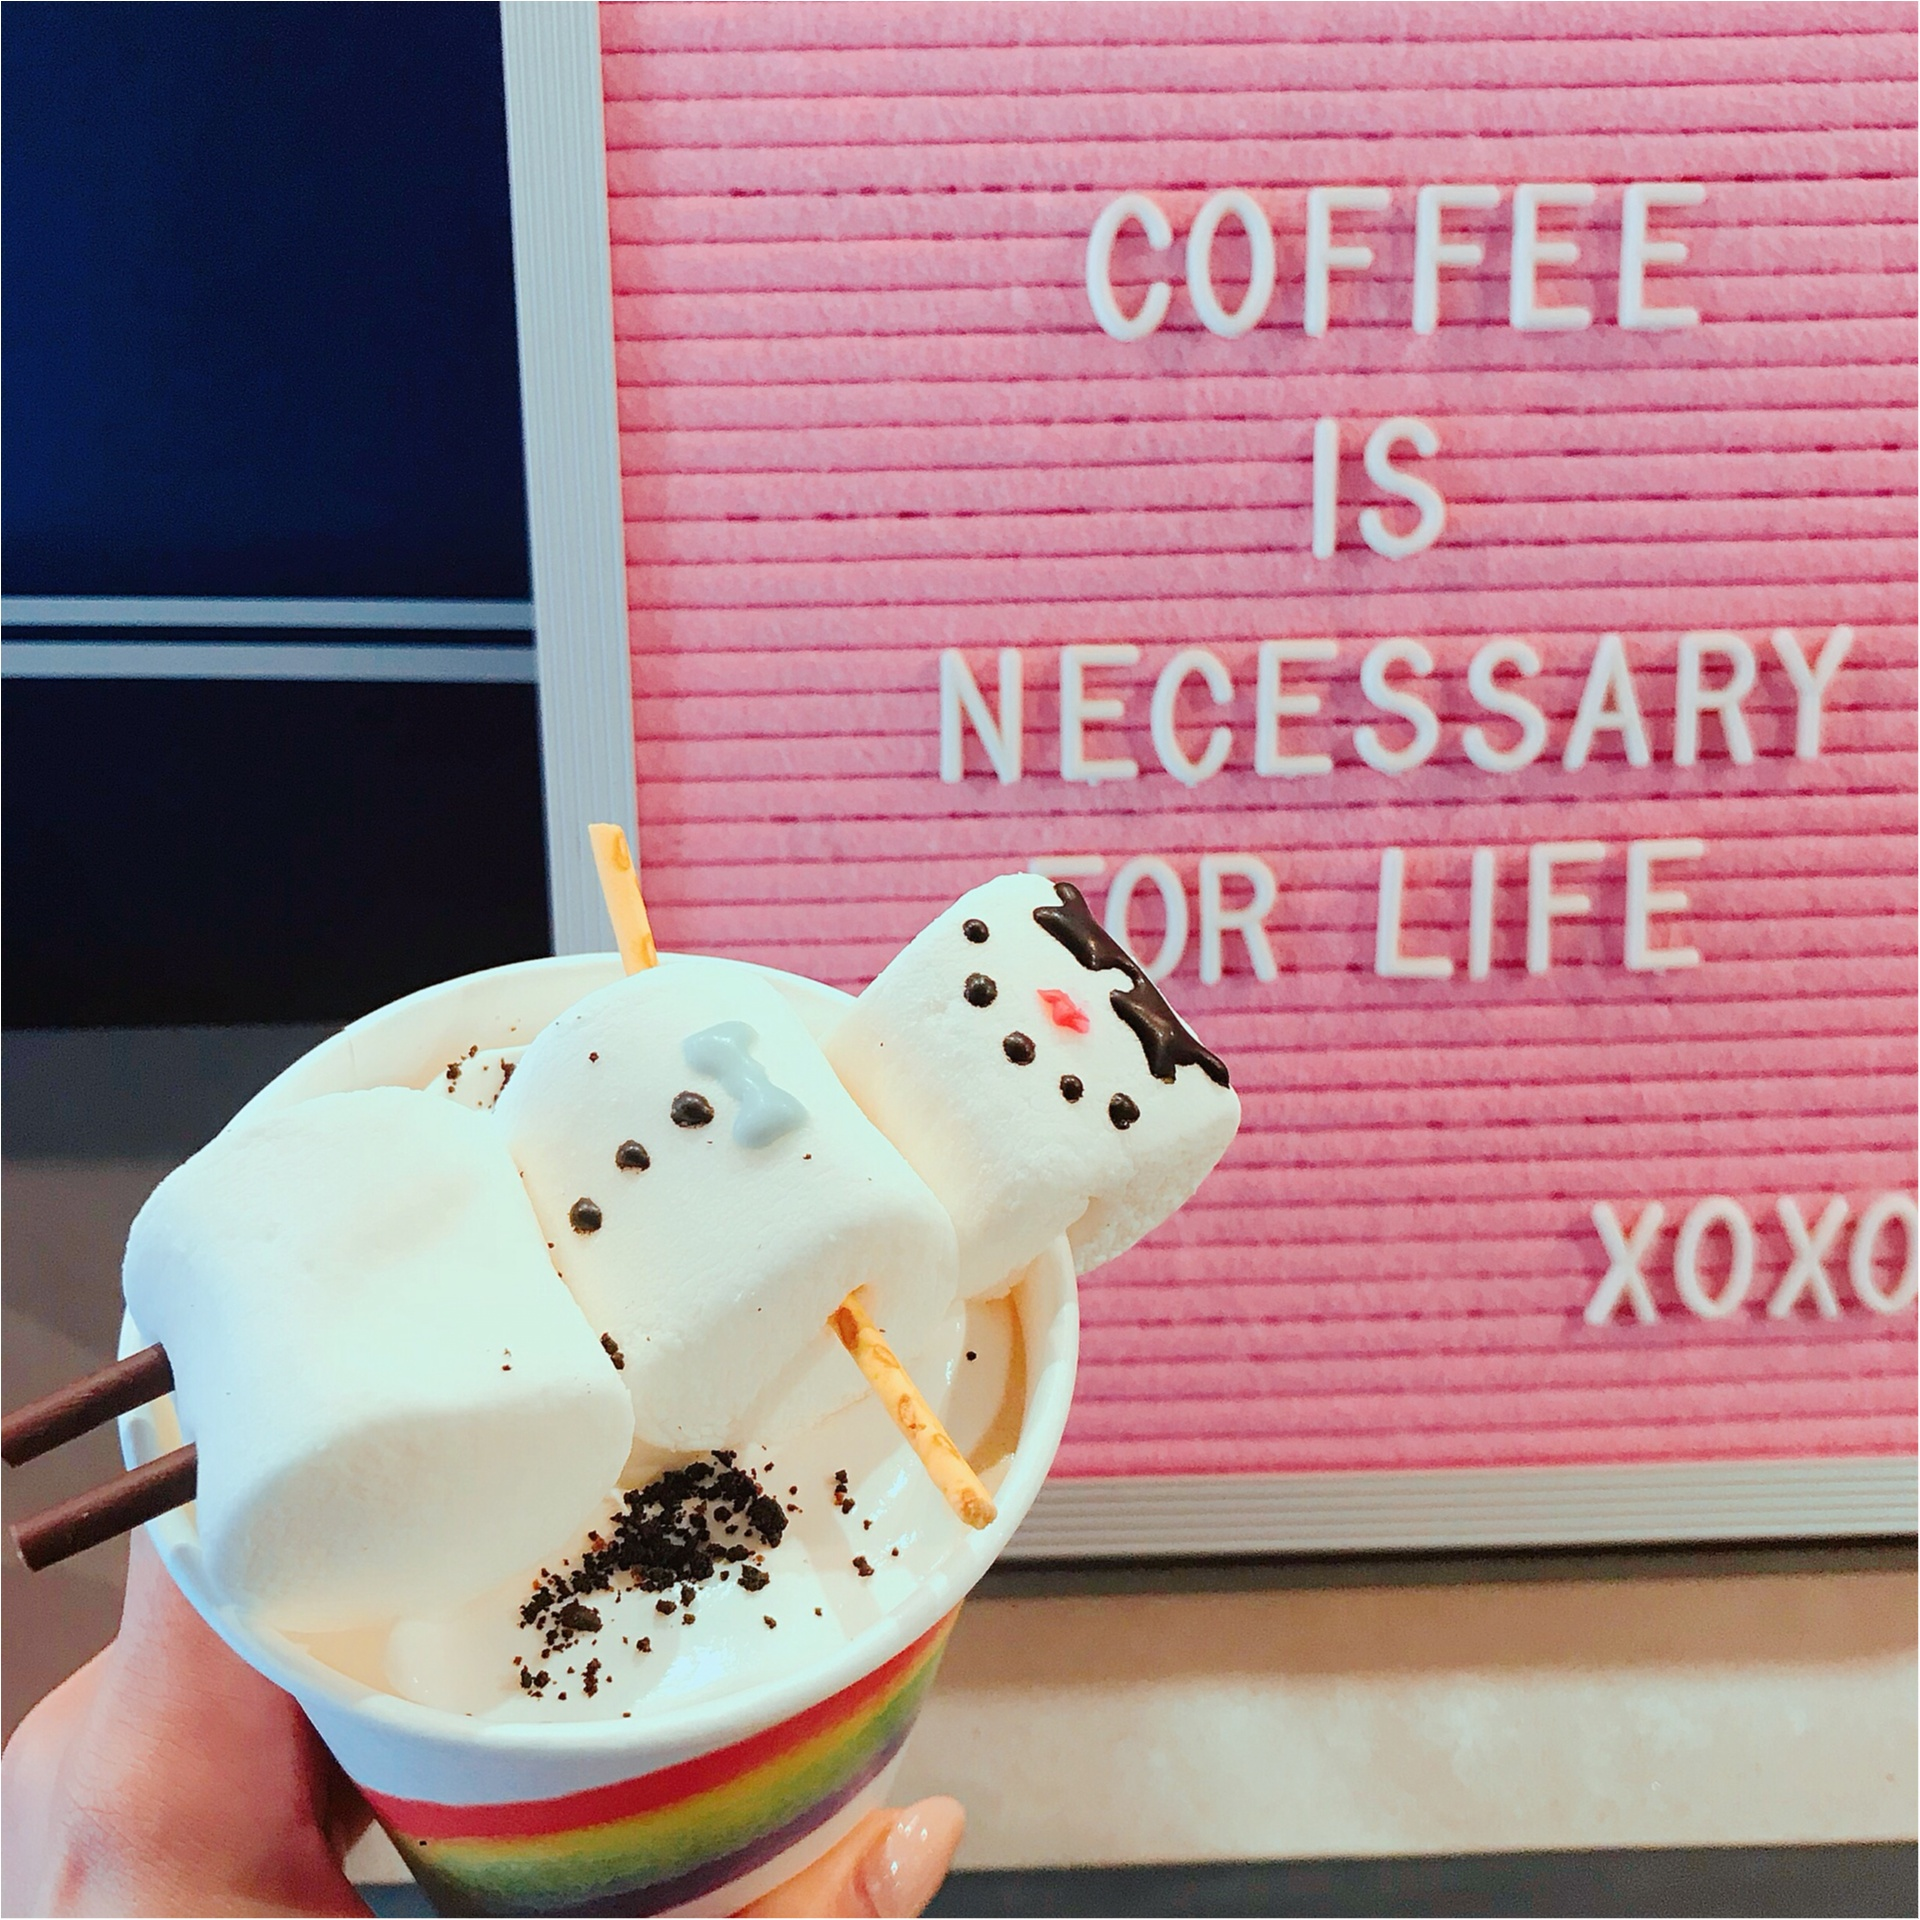 ★SNS映え間違いなし◎サーフショップ併設のコーヒースタンドがとってもお洒落★_4